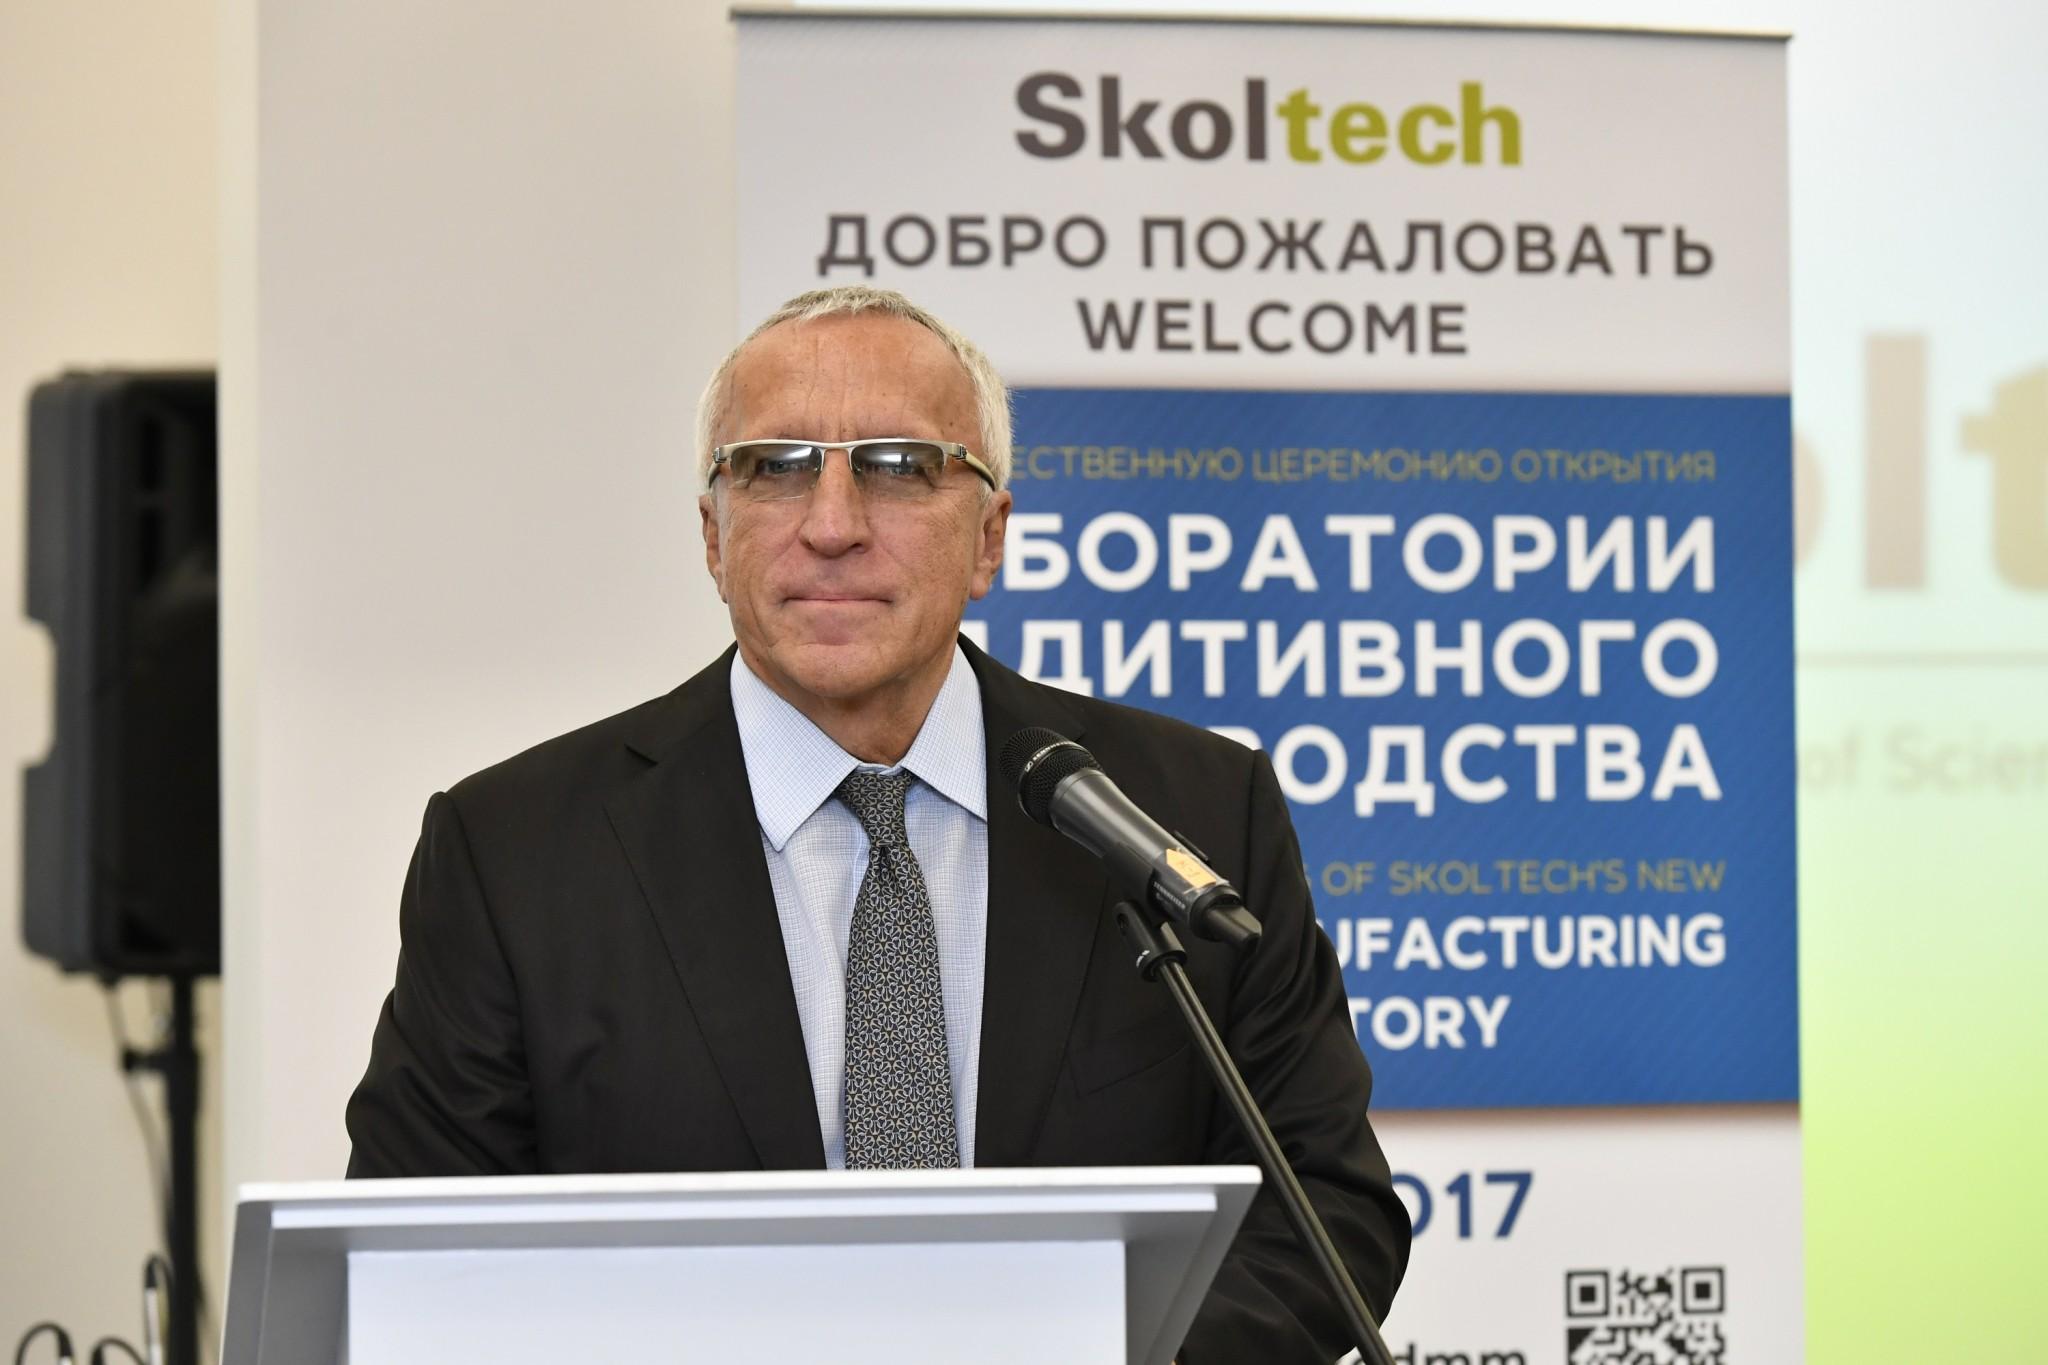 Skoltech President Alexander Kuleshov. Photo: Skoltech.